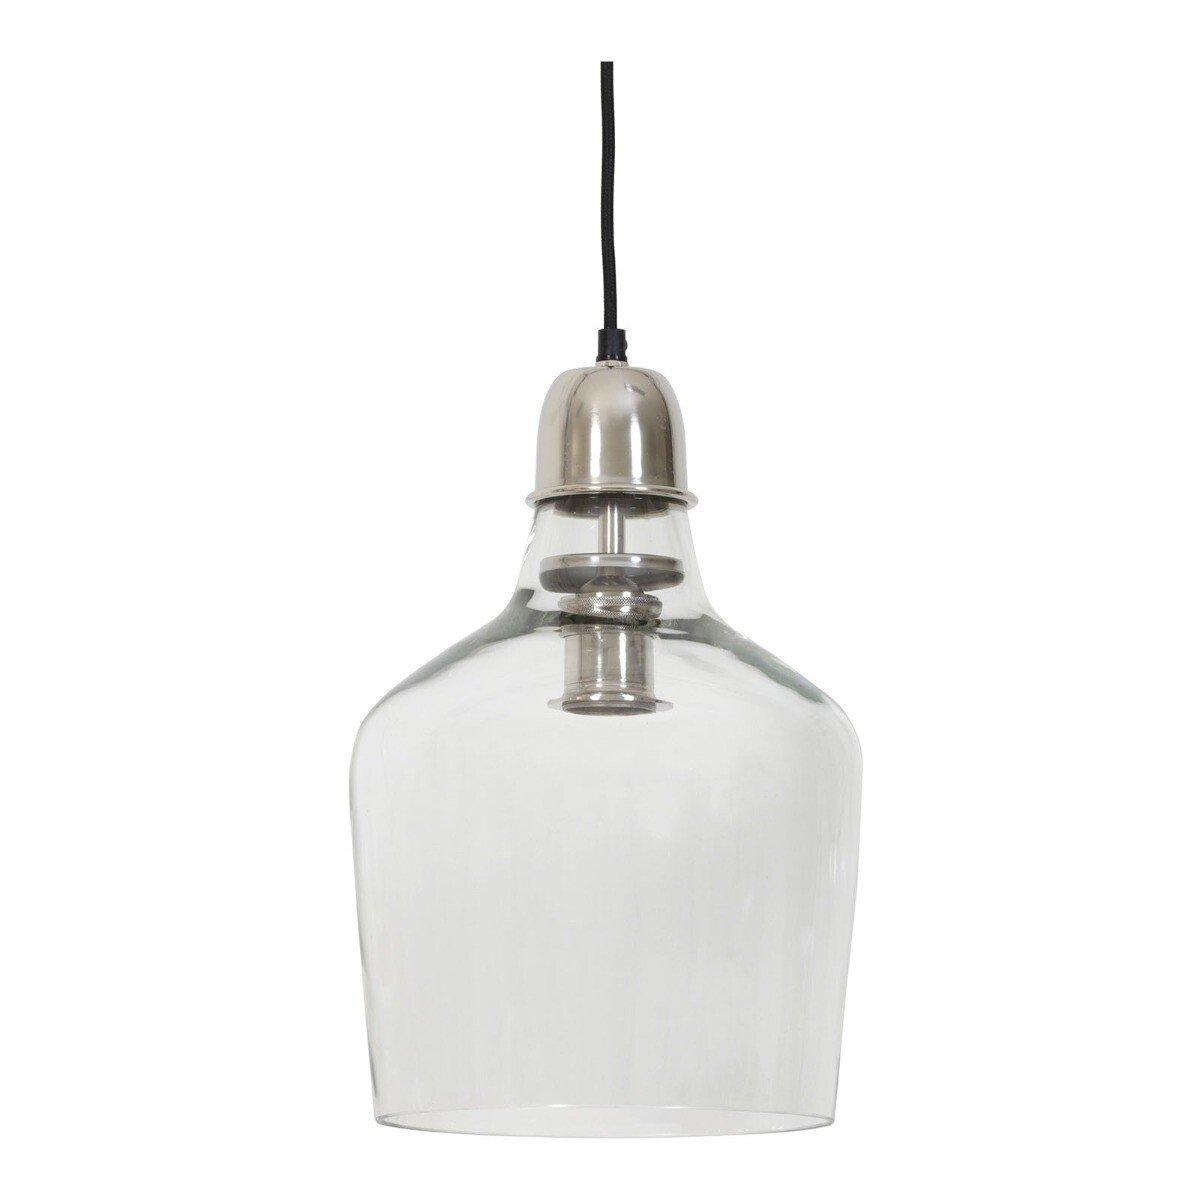 Hanglamp Ø23x37 cm SAGE glas nikkel Light & Living